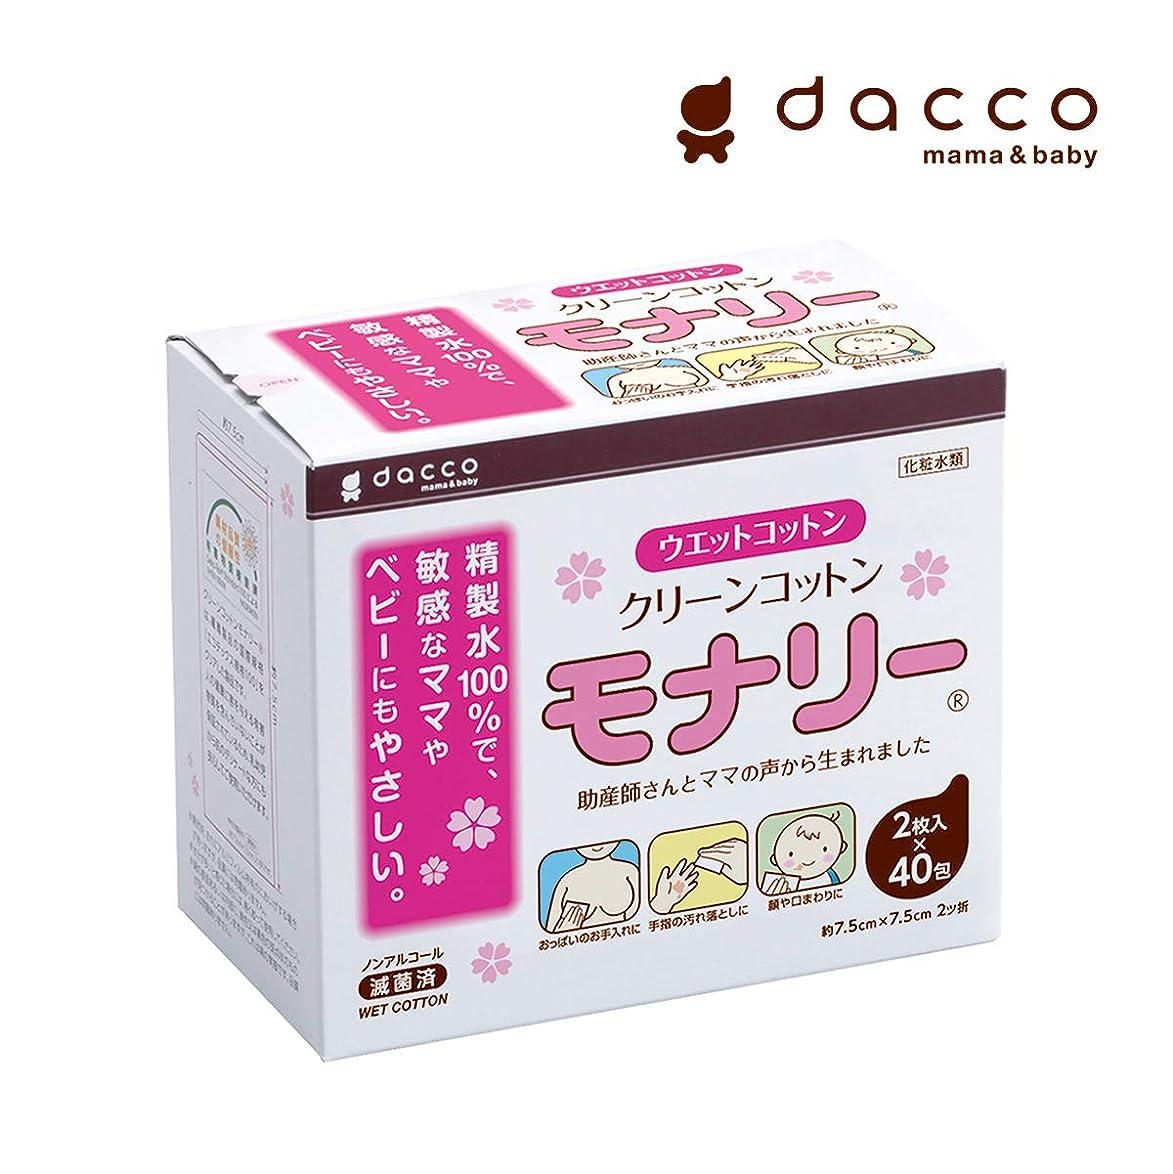 落ちたお風呂を持っている豊富ダッコ dacco 単包滅菌済ウエットコットン クリーンコットンモナリー 7.5cm×7.5cm 2ツ折 2枚入 40包